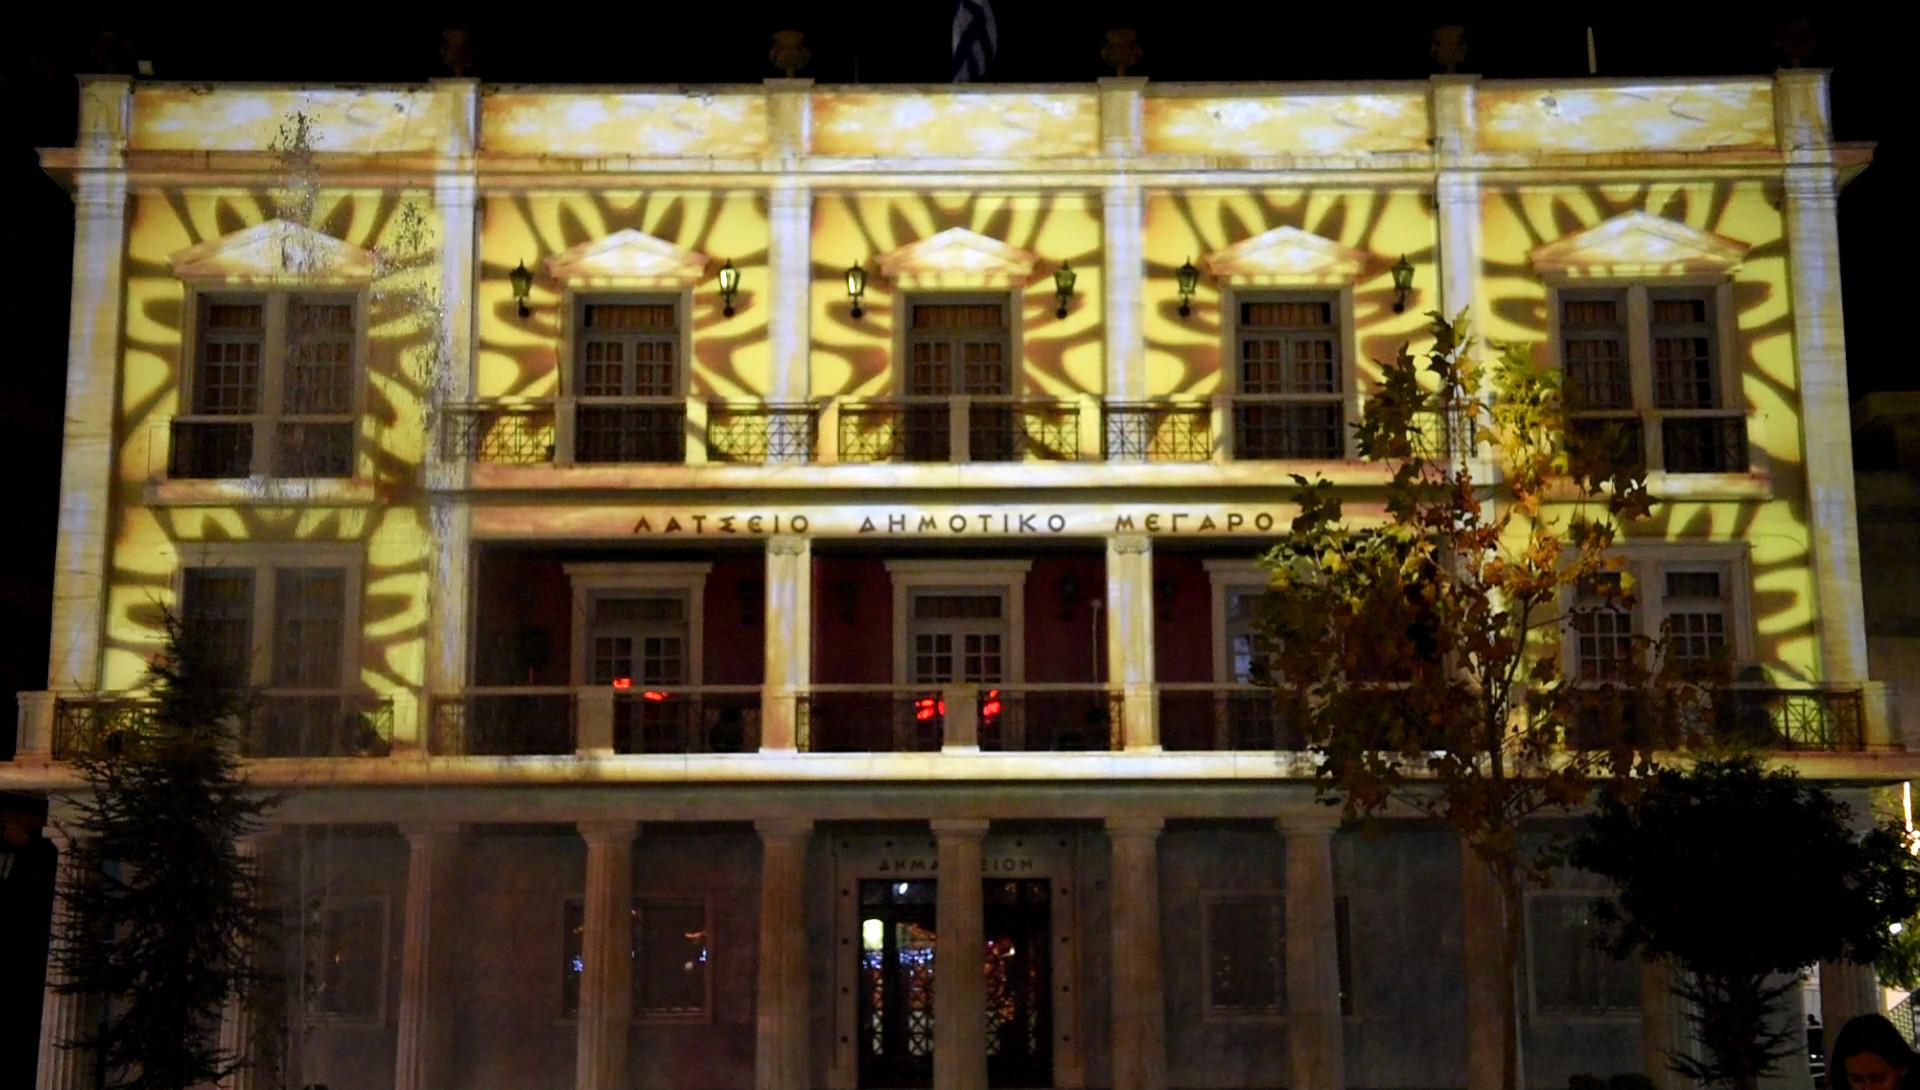 Nikolaos maragkos townhall 010